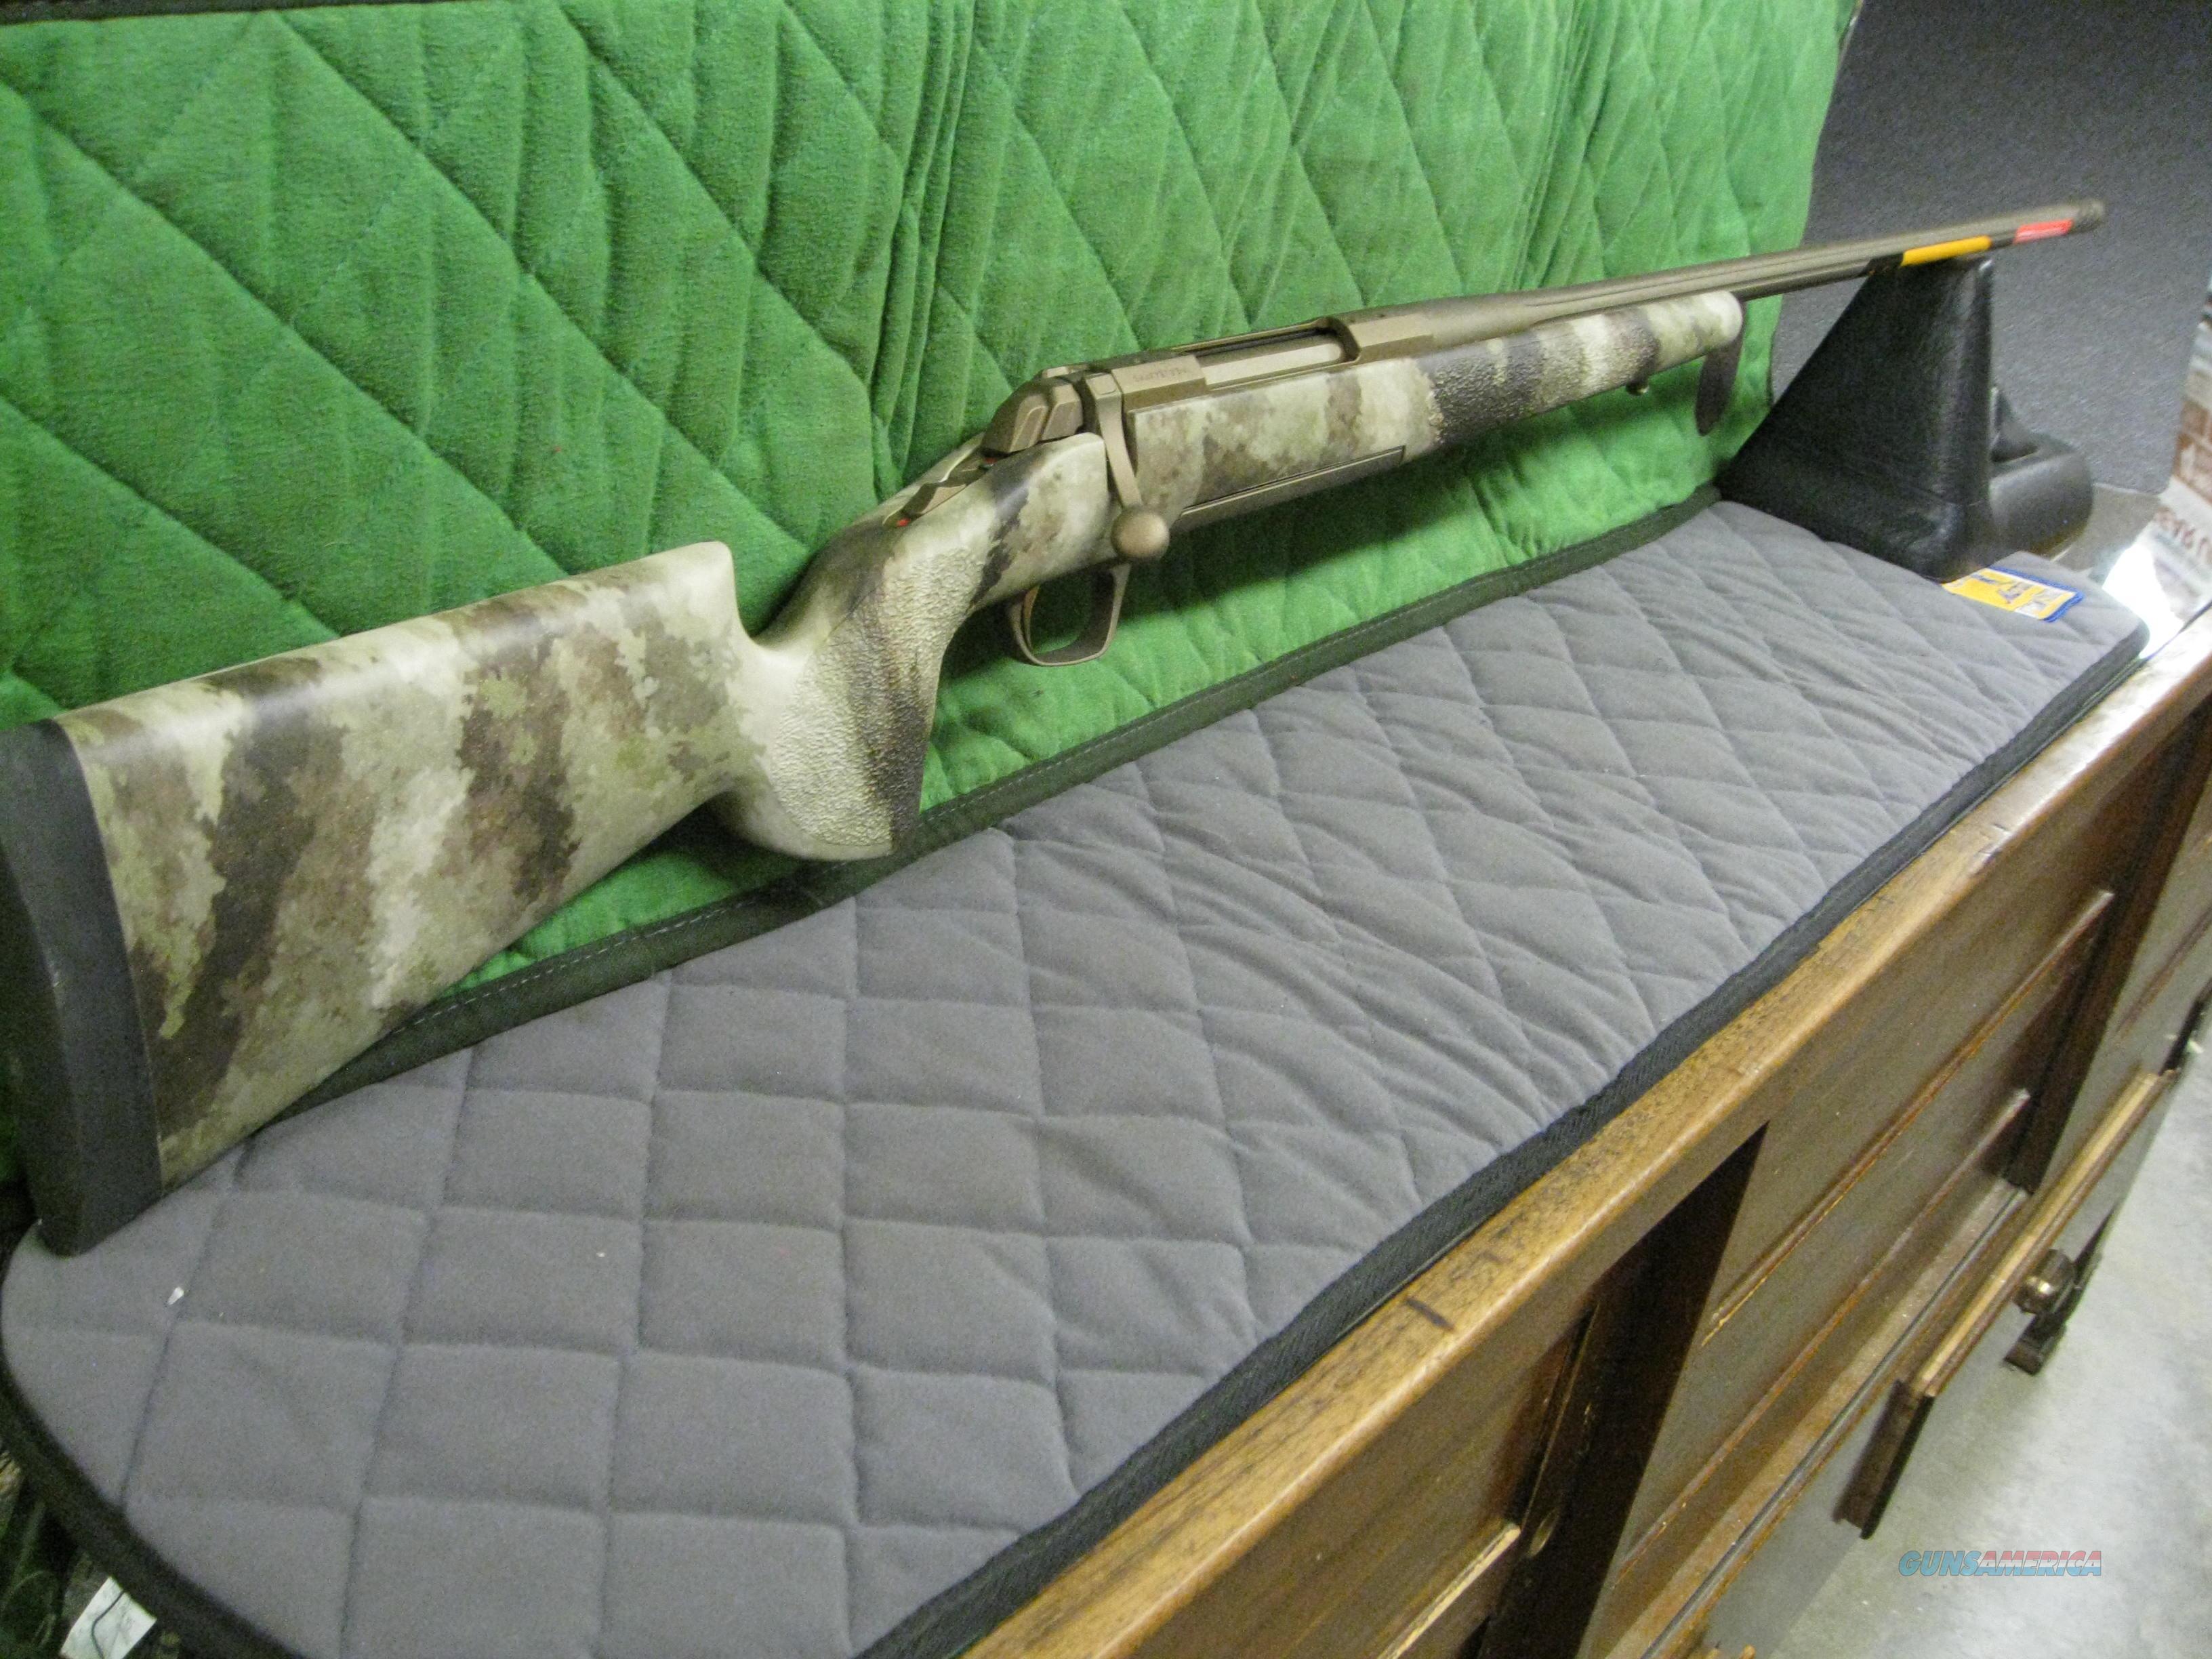 Browning X-Bolt Hell's Canyon Long Range McMillan 6.5 Creedmoor 035395282  Guns > Rifles > Browning Rifles > Bolt Action > Hunting > Blue